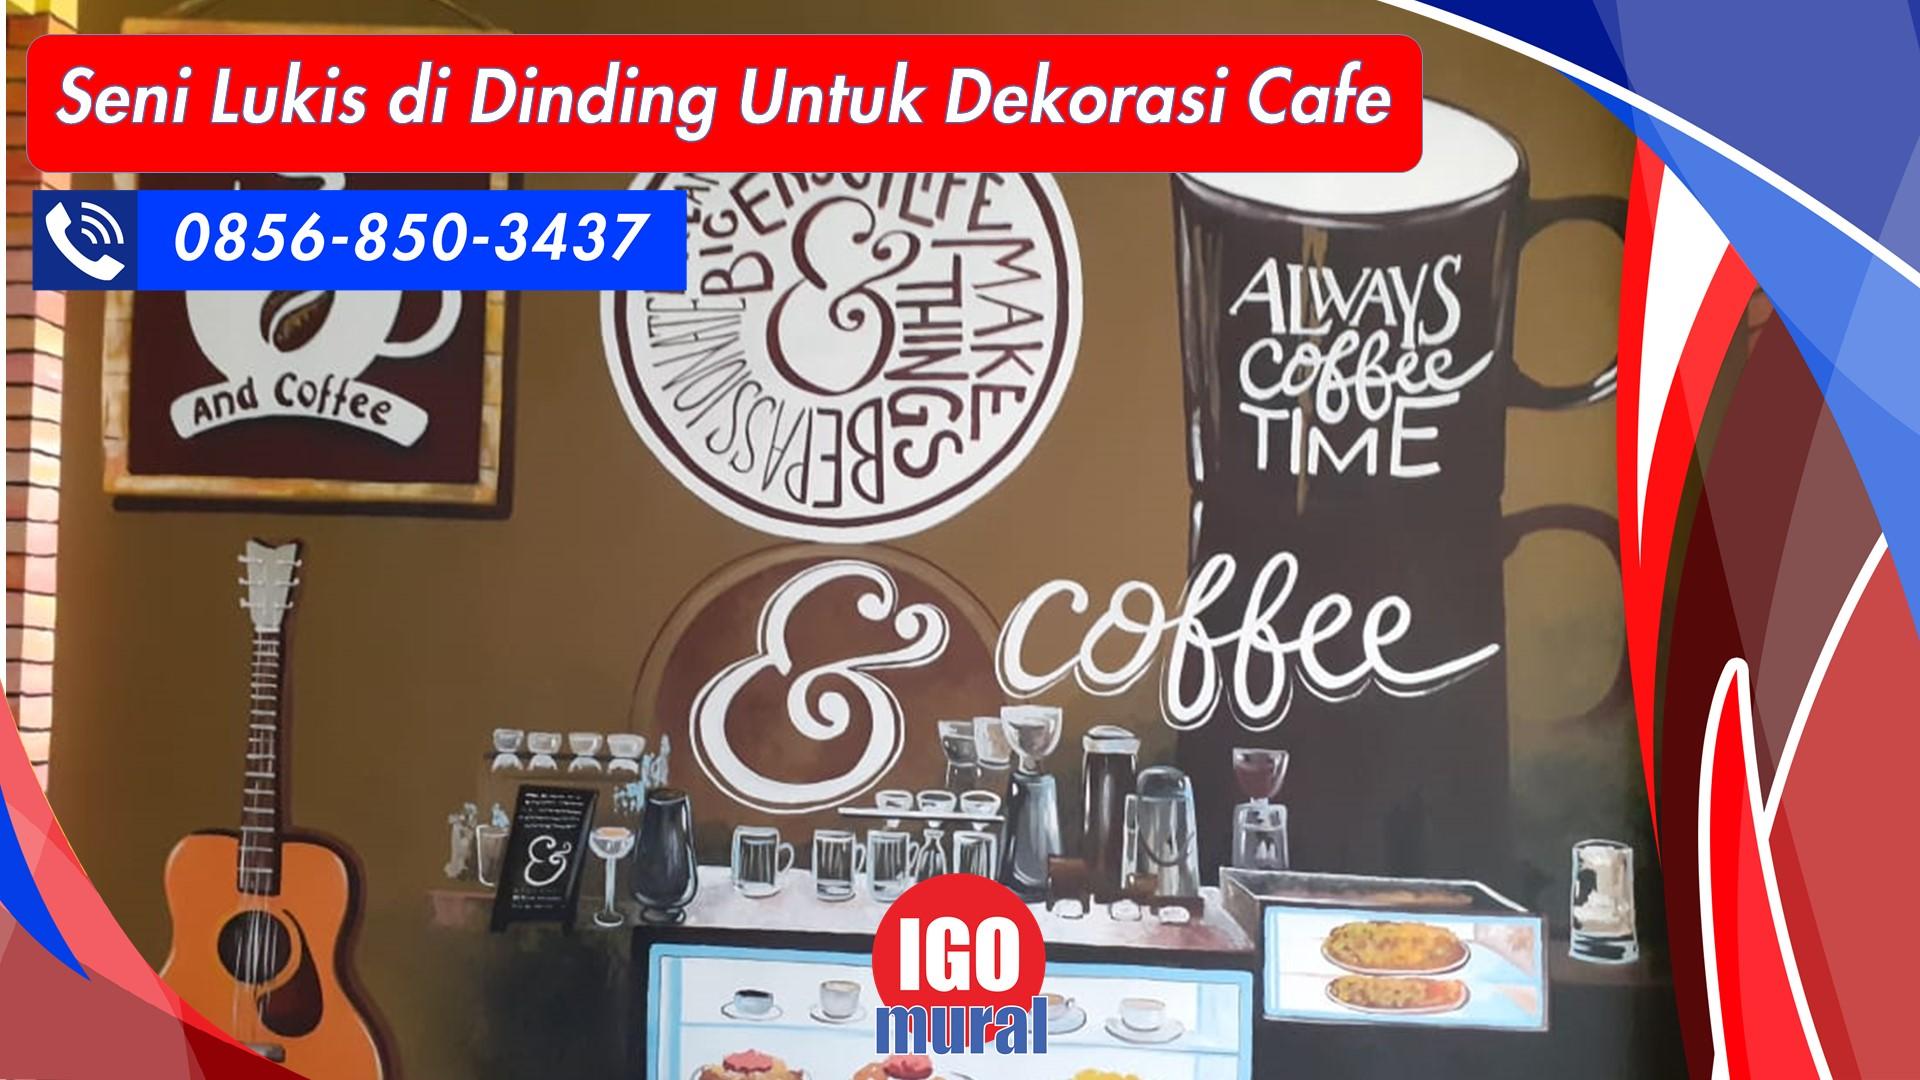 Seni Lukis di Dinding Untuk Dekorasi Cafe